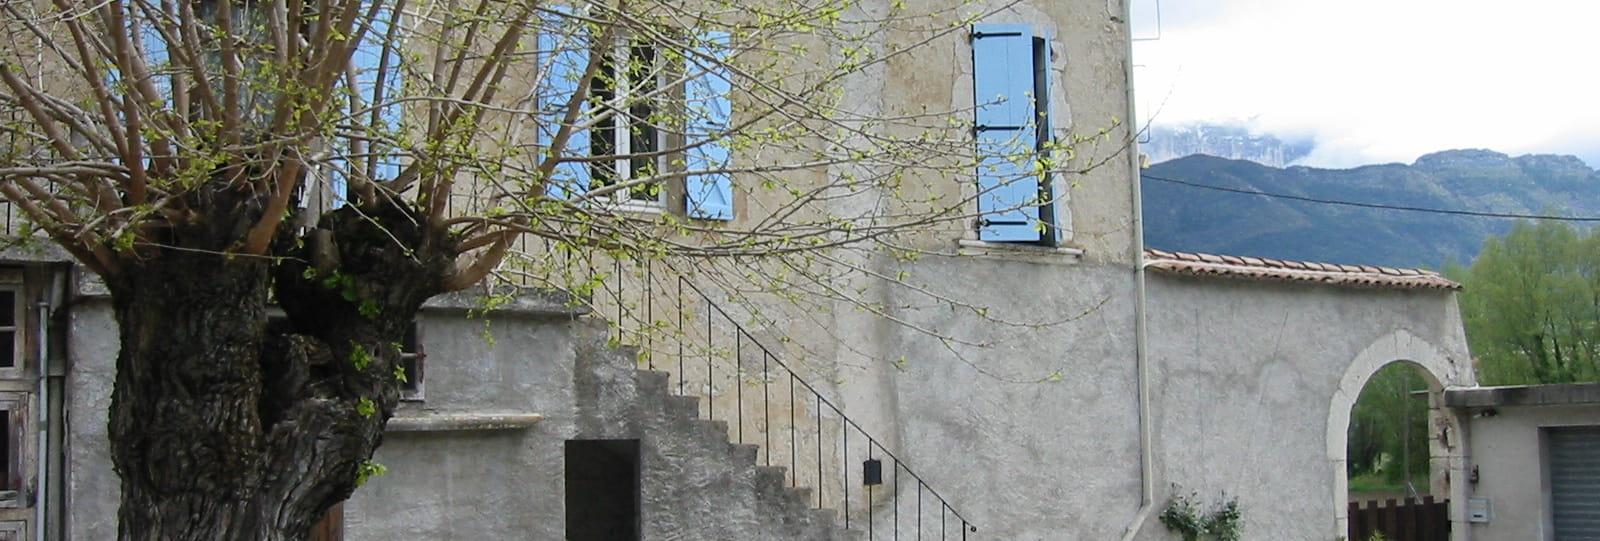 Domaine du Mûrier - Le Grand Veymont